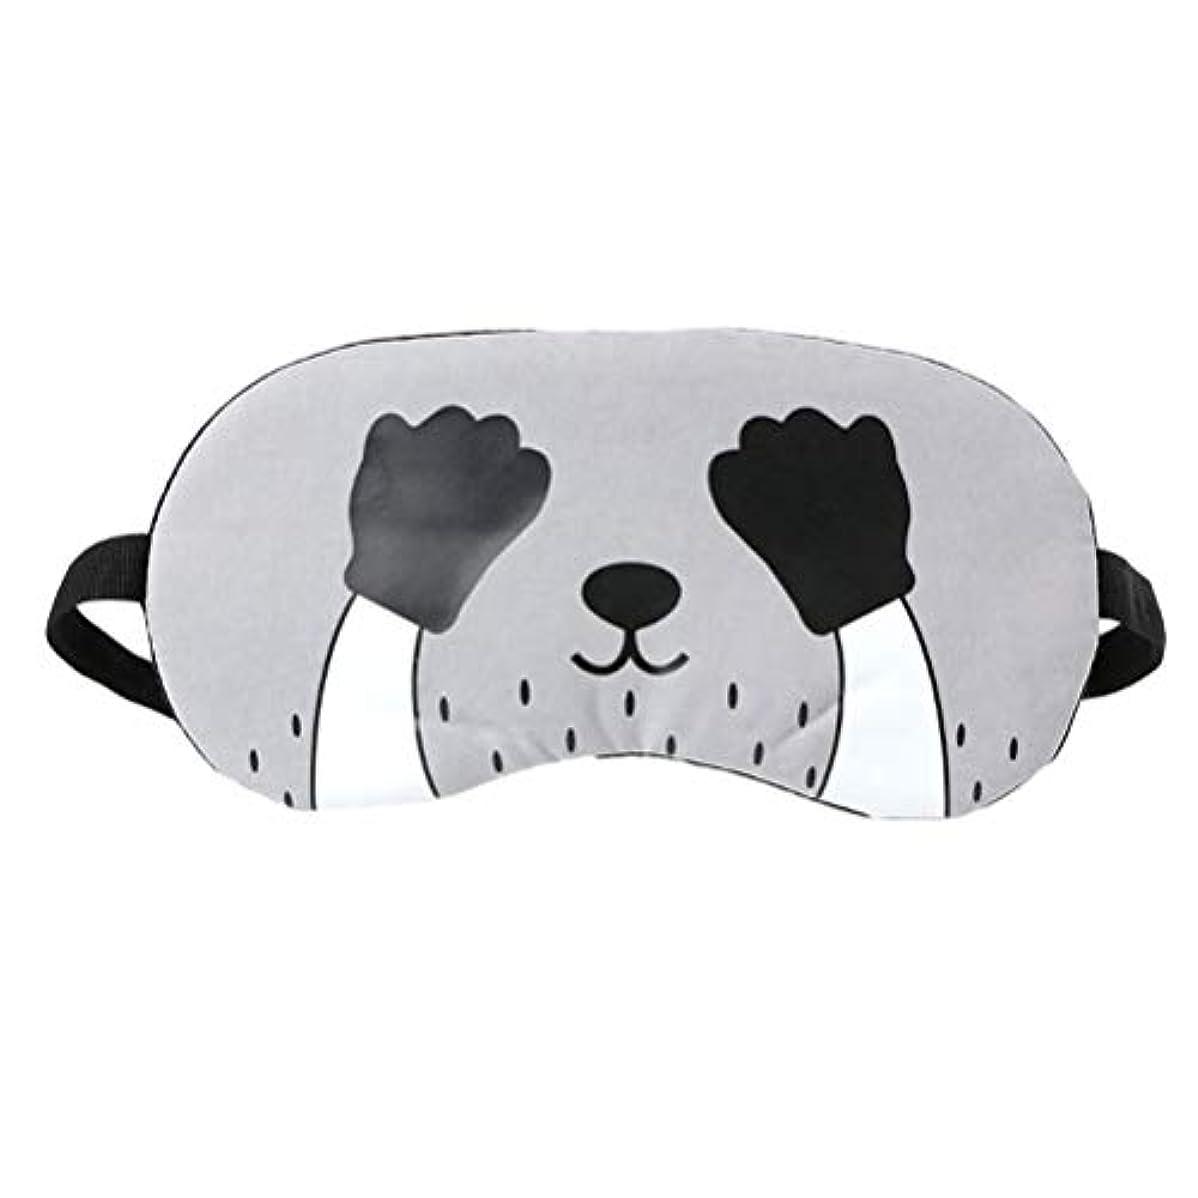 馬力逃げる旋律的HEALIFTY 眠る目のマスクかわいい漫画のプリント氷の圧縮睡眠マスク目隠しの女の子のための